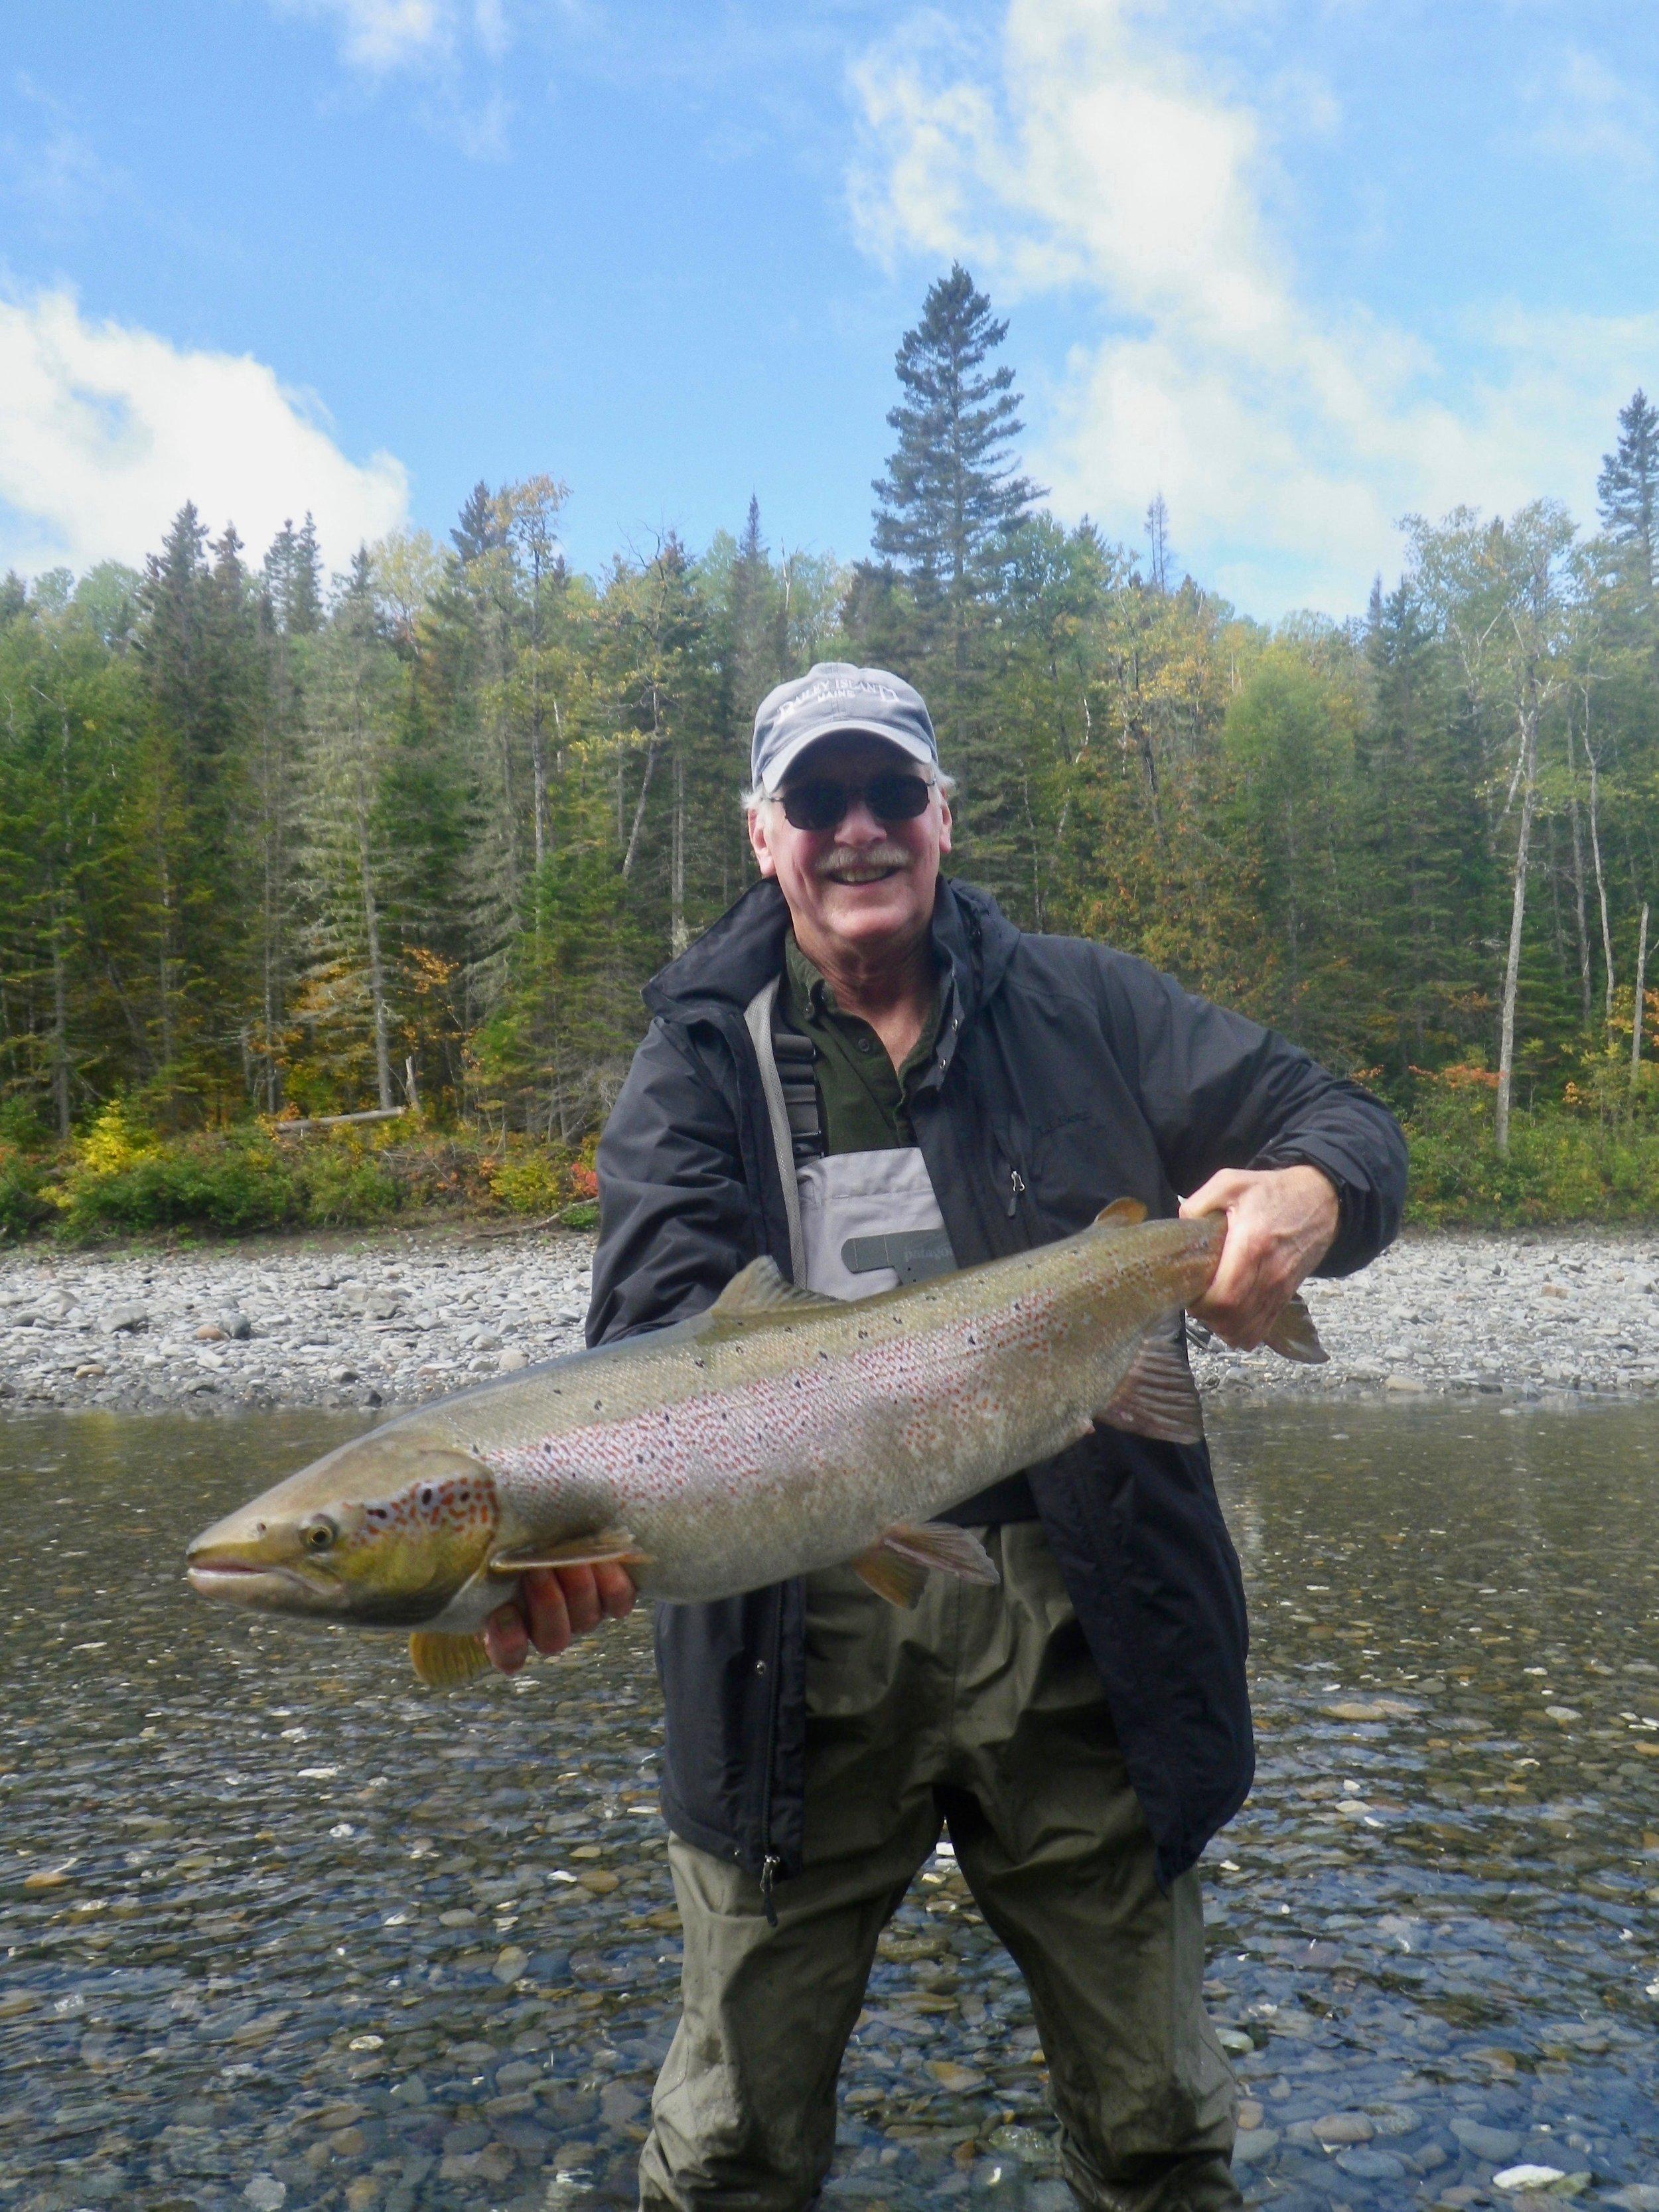 Jack Hanshaw, en visite au Camp Bonaventure pour la première fois, a capturé ce superbe saumon sur la Petite Cascapédia. Félicitations, Jack!